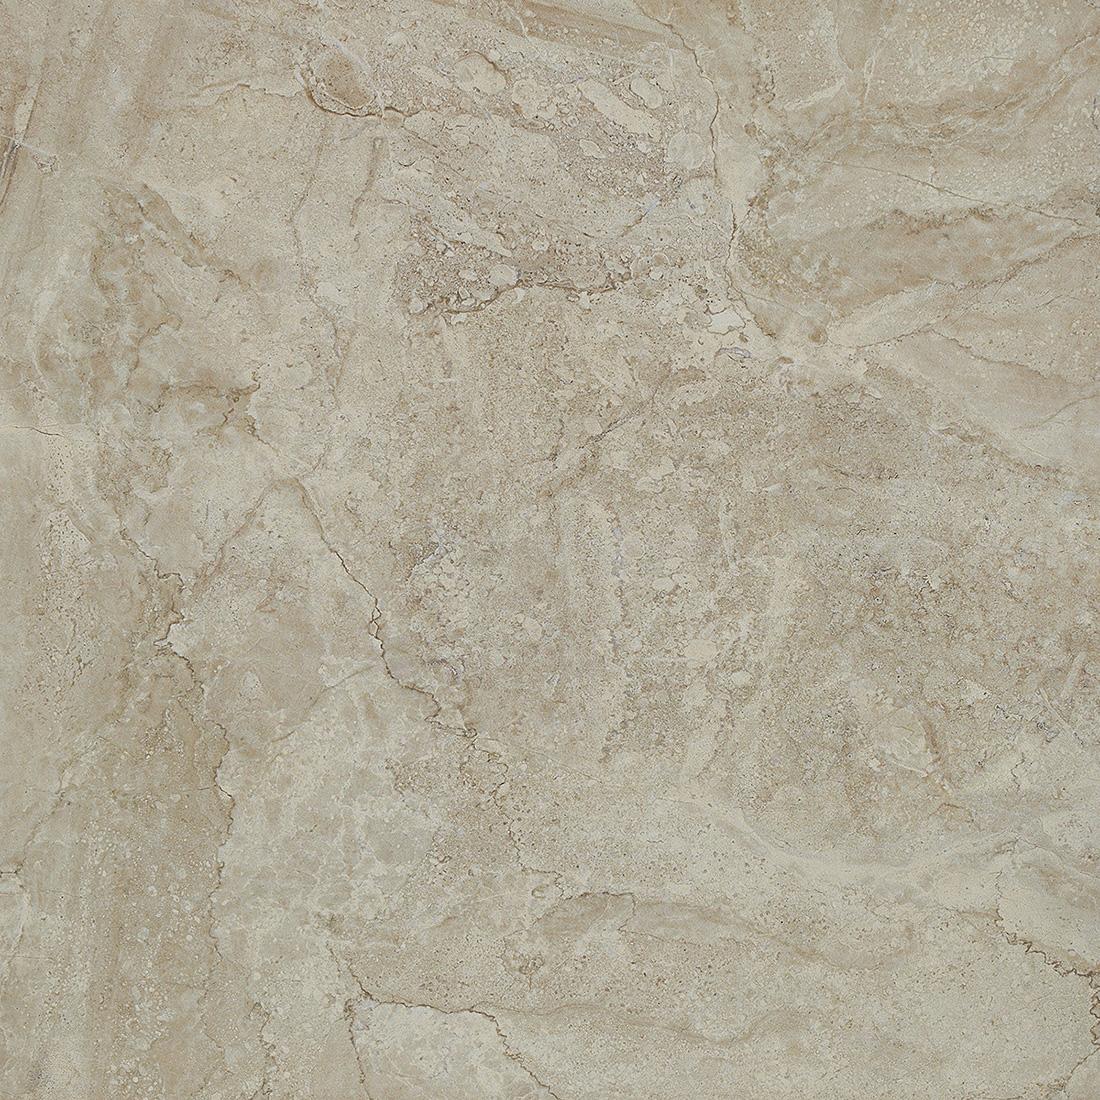 石材HG60072